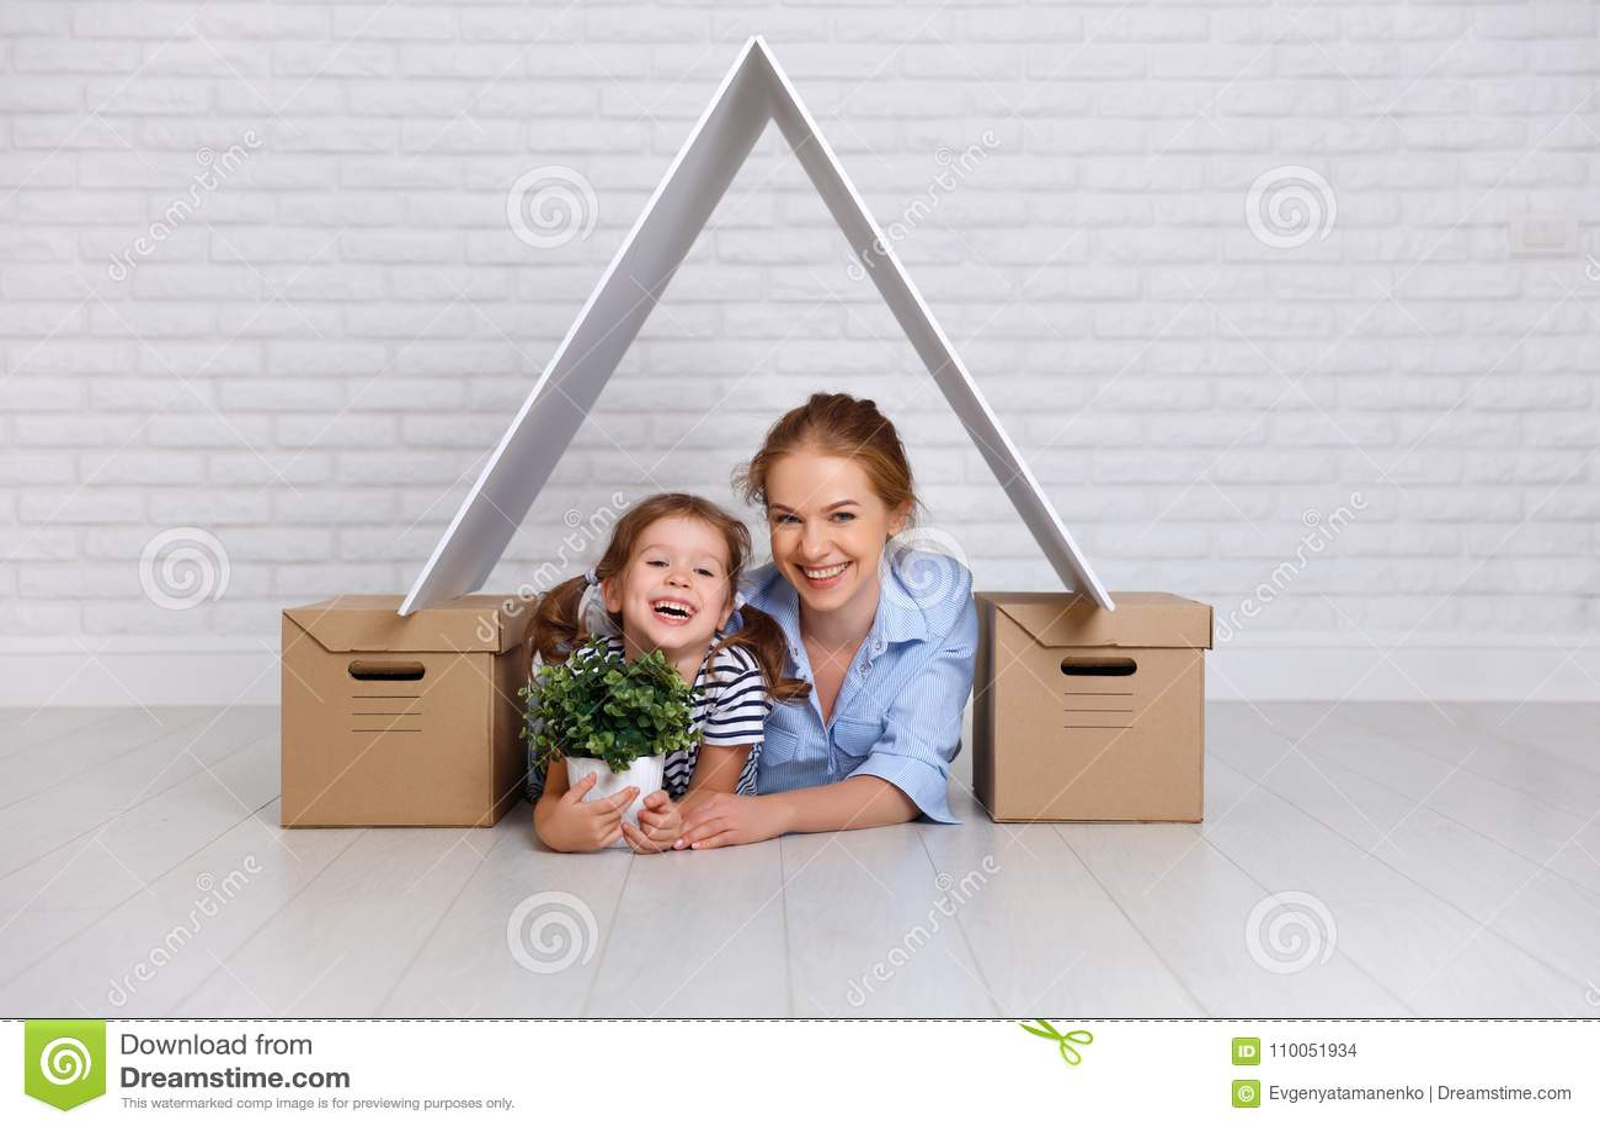 Έννοια της οικογενειακής μητέρας κατοικίας, υποθηκών και επανεντοπισμού και του CH